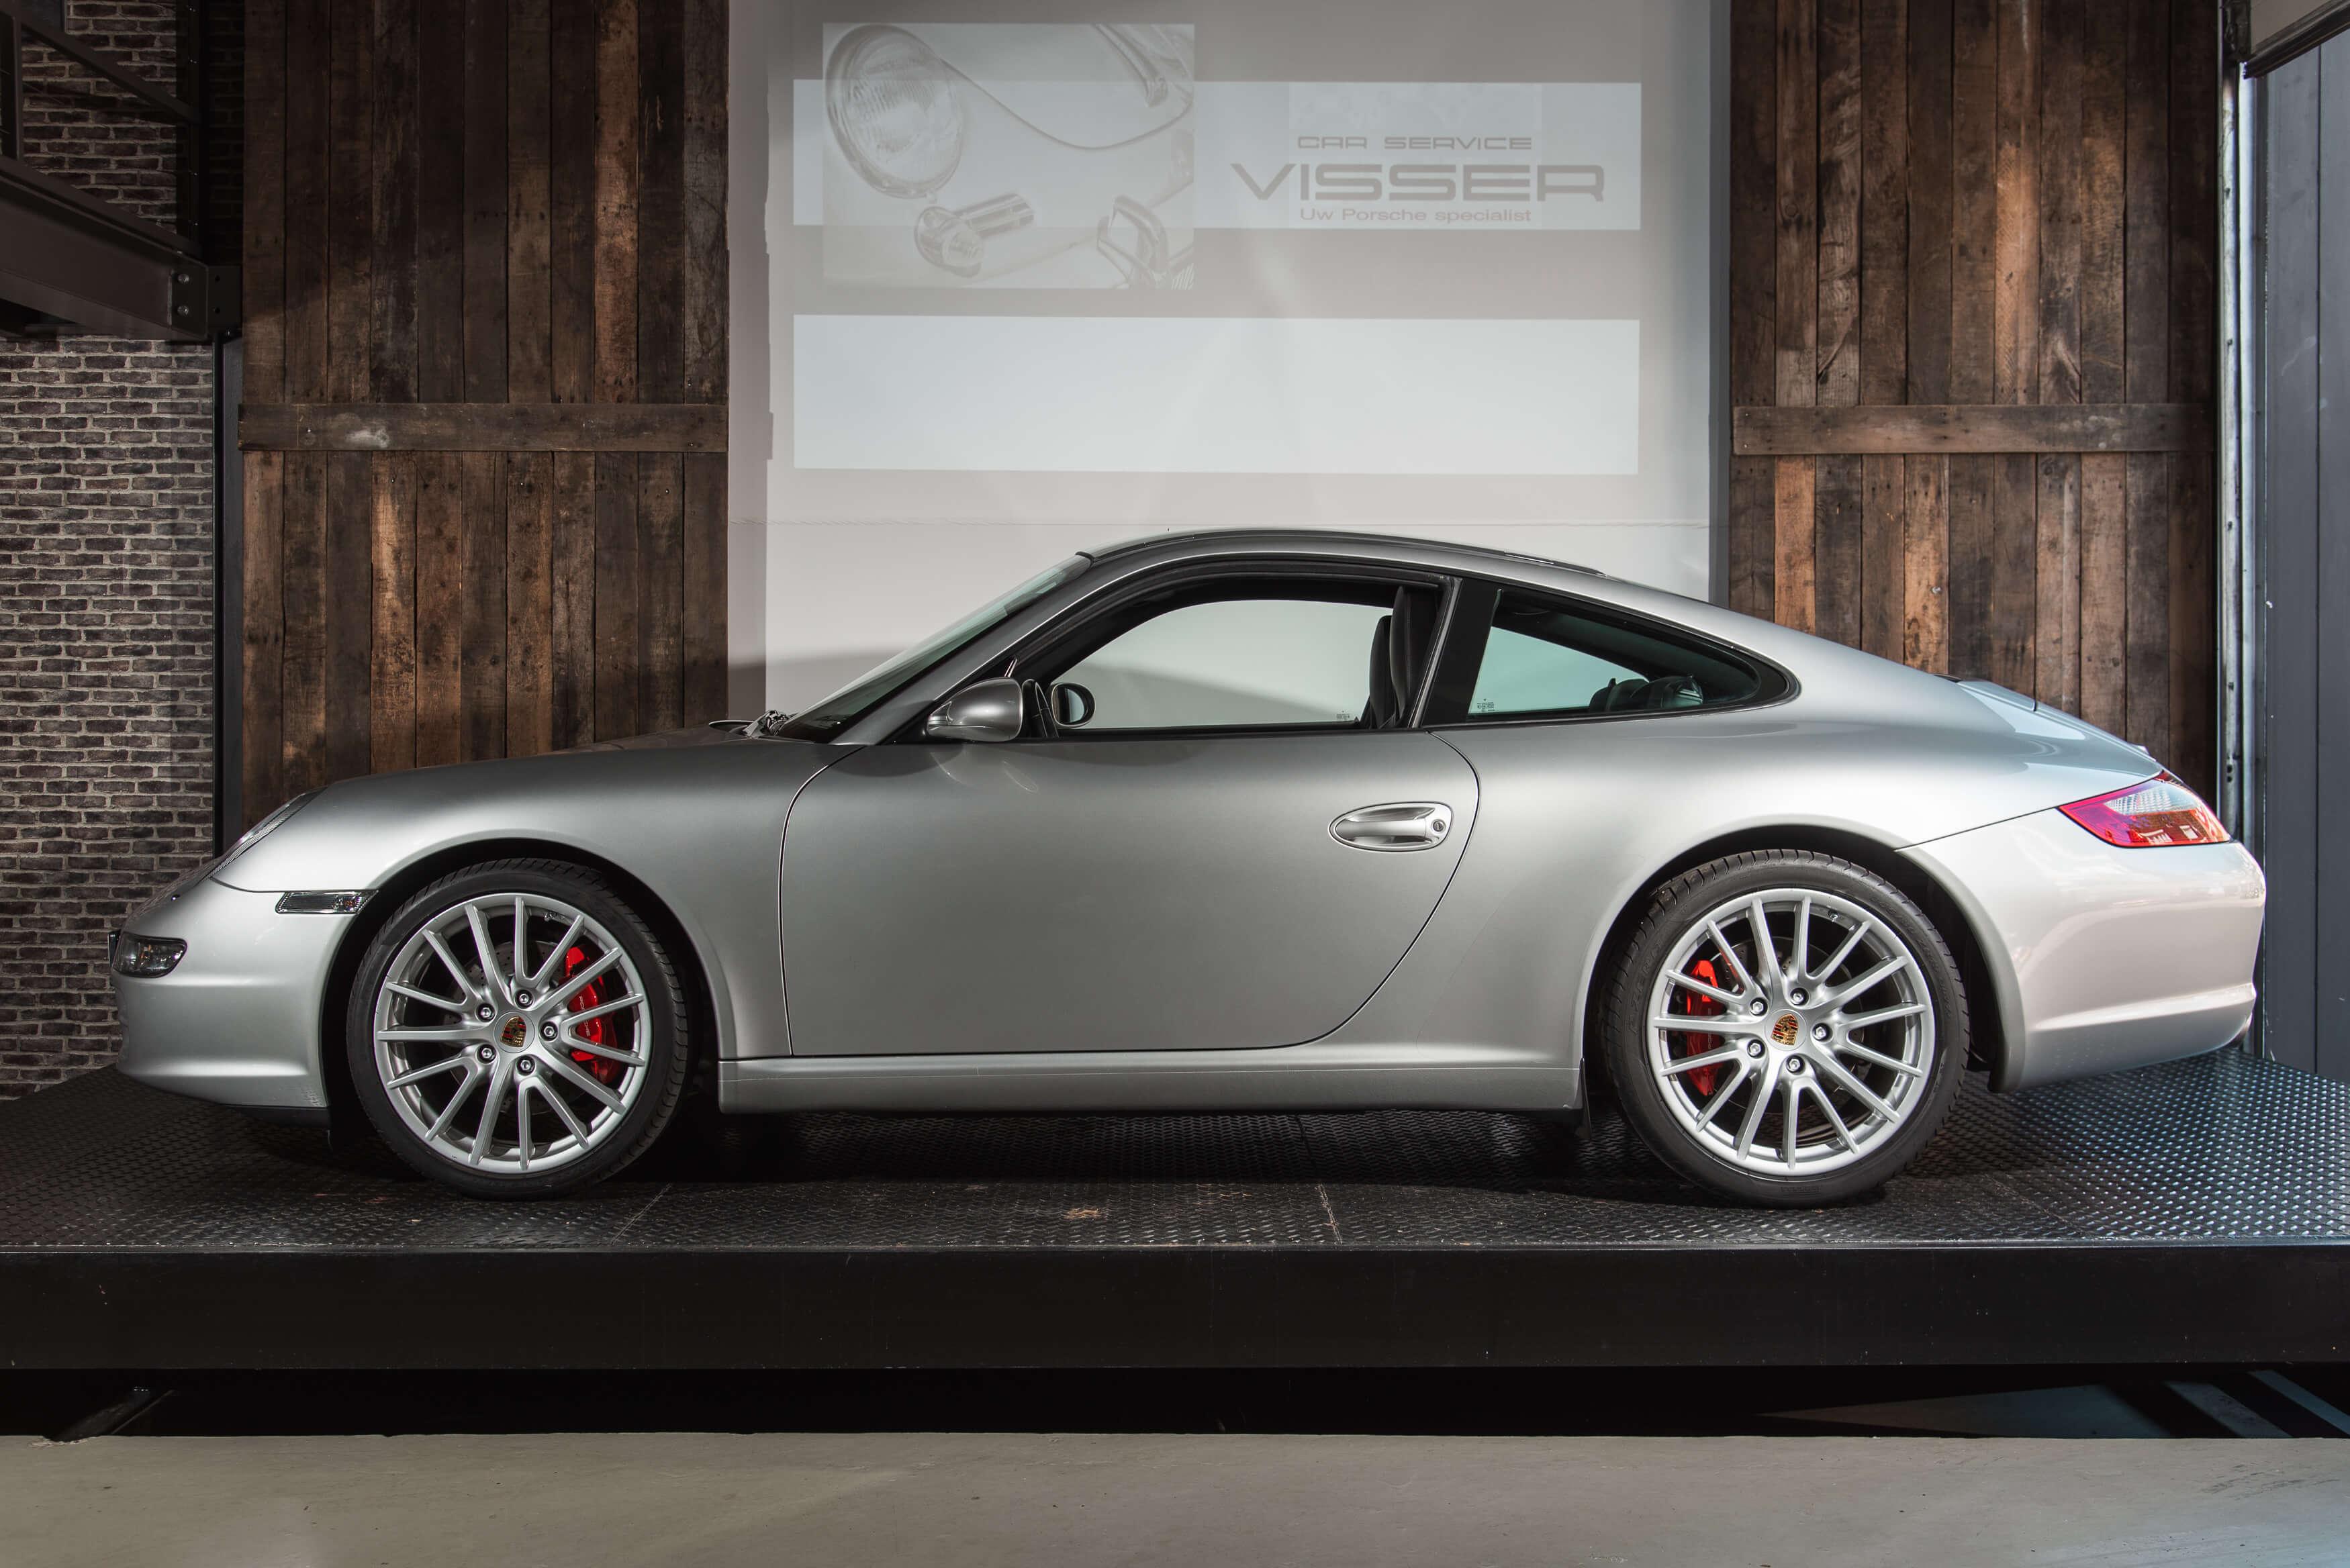 Porsche 997 Carrera S handgeschakeld Car Service Visser gespecialiseerd in Porsche - 4